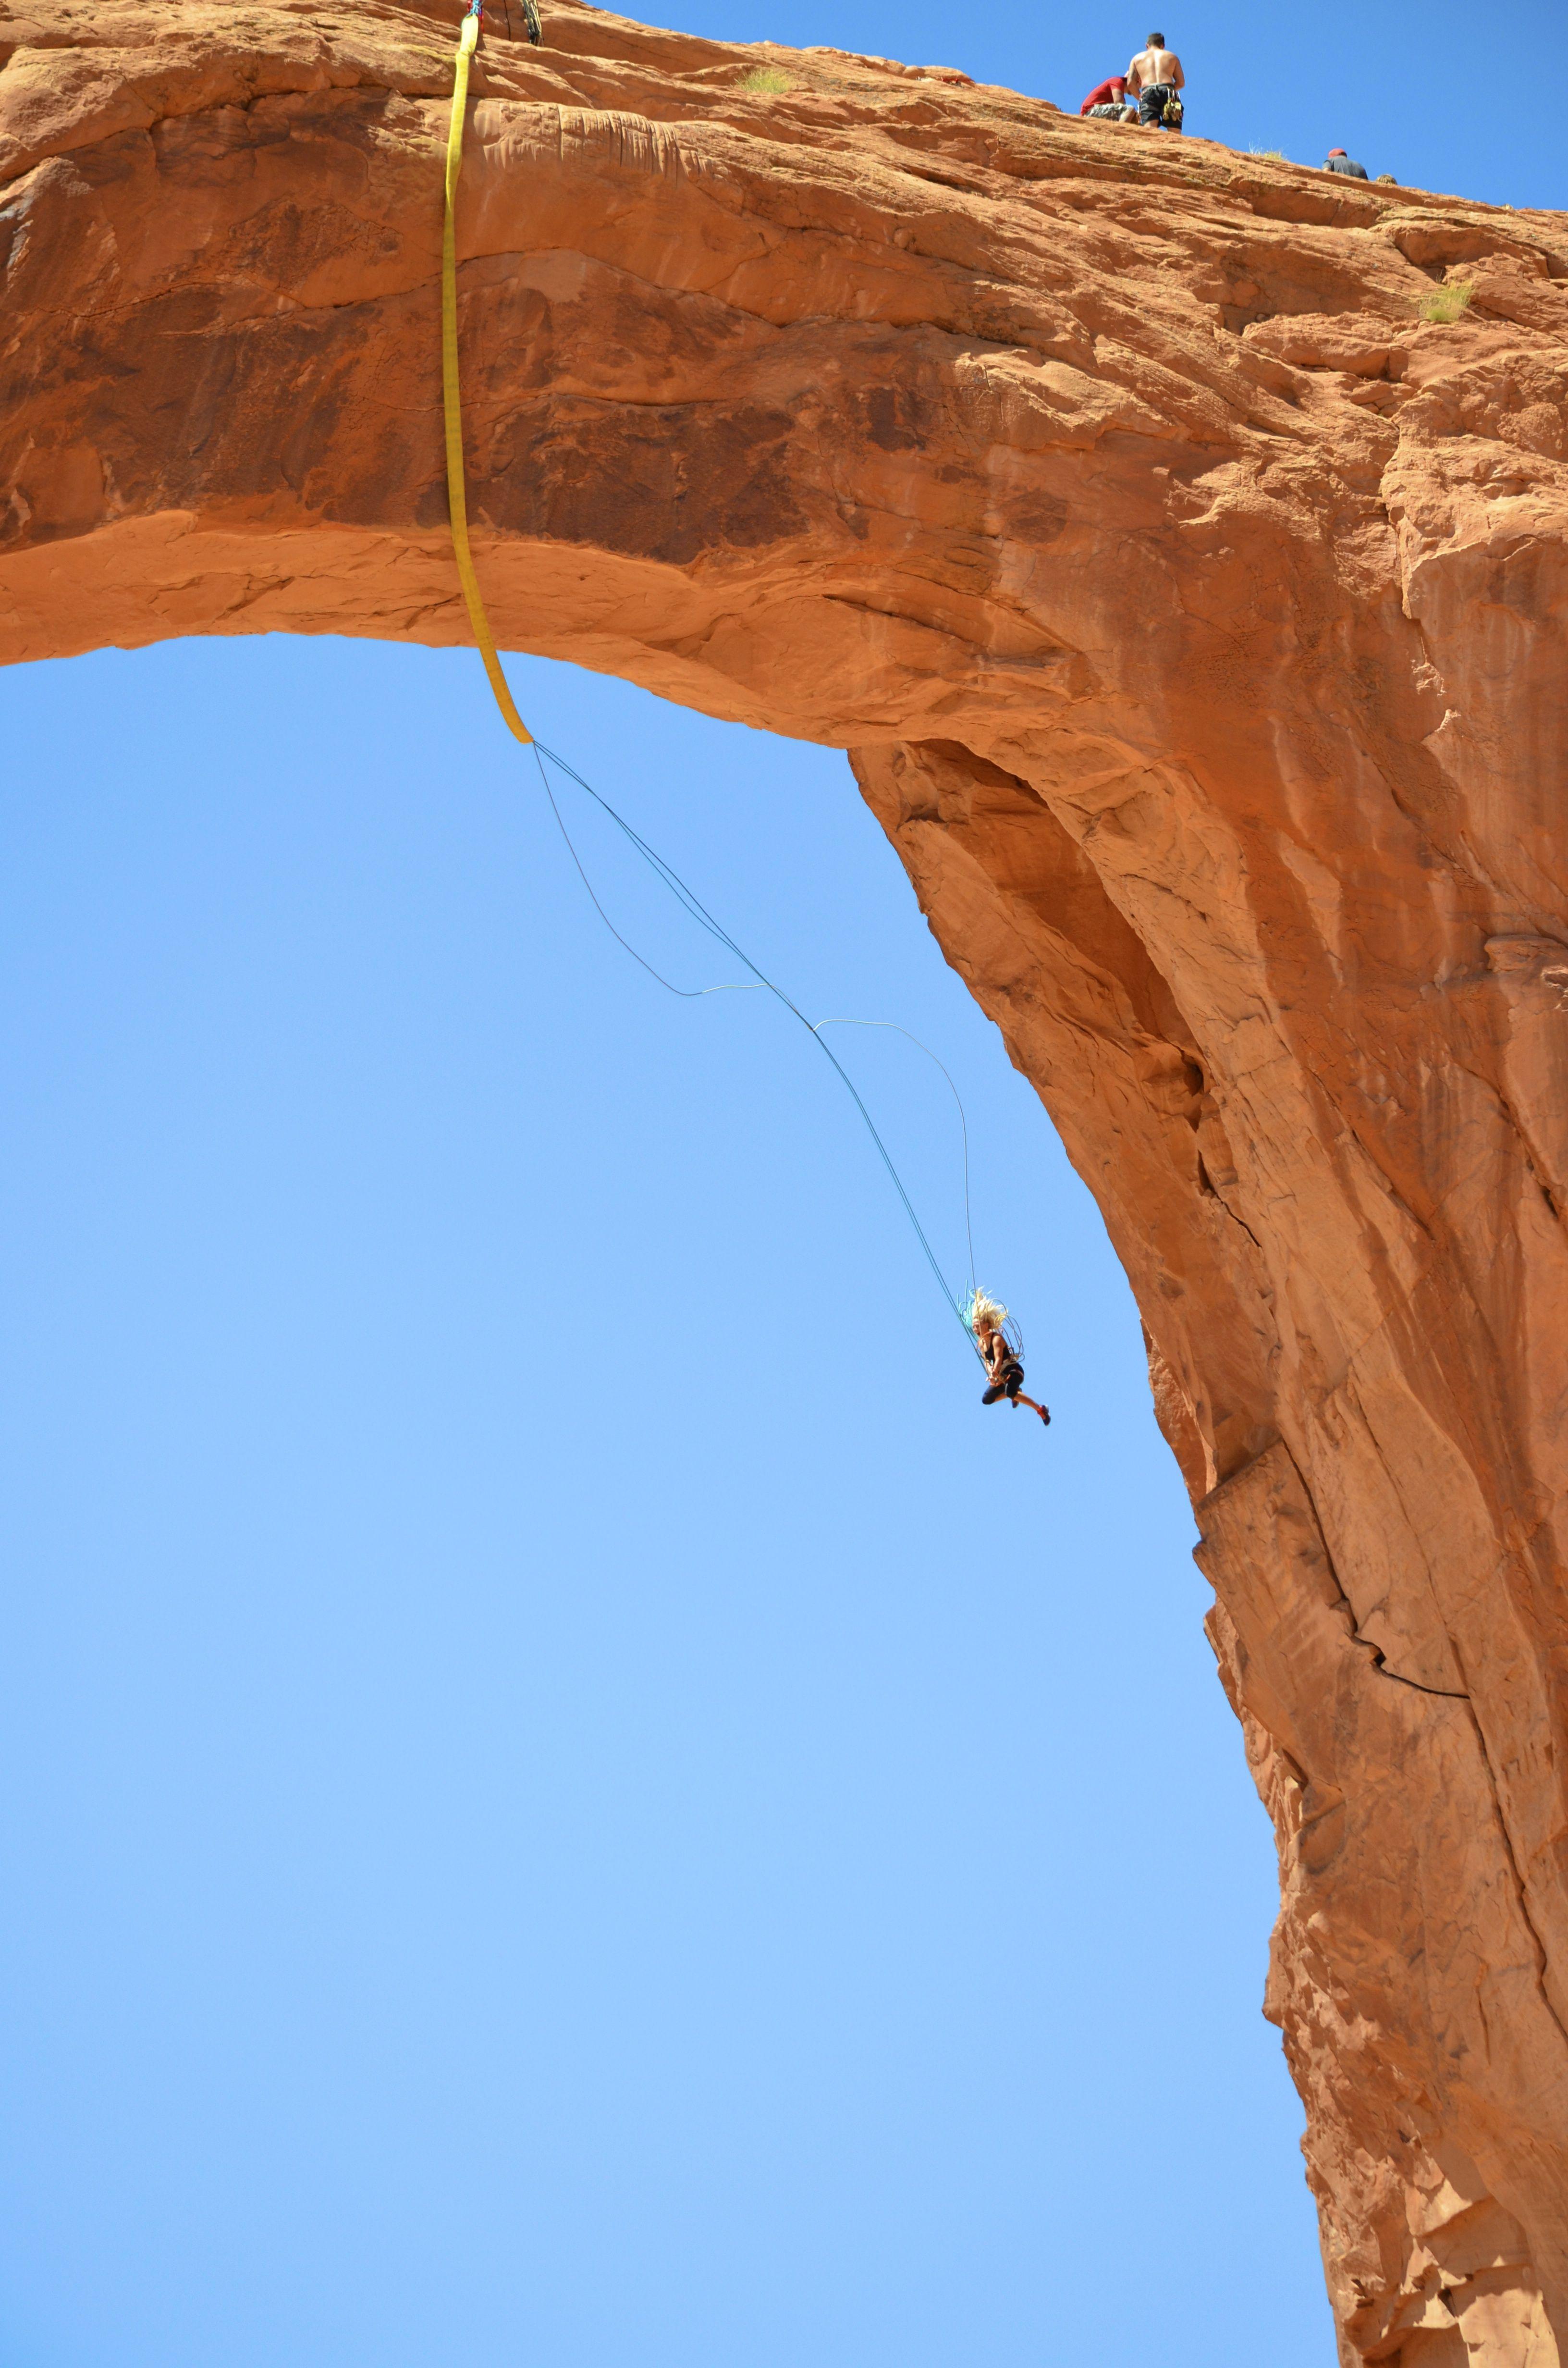 Corona Arch Swing In Moab Ut Photo By Steven Hatch